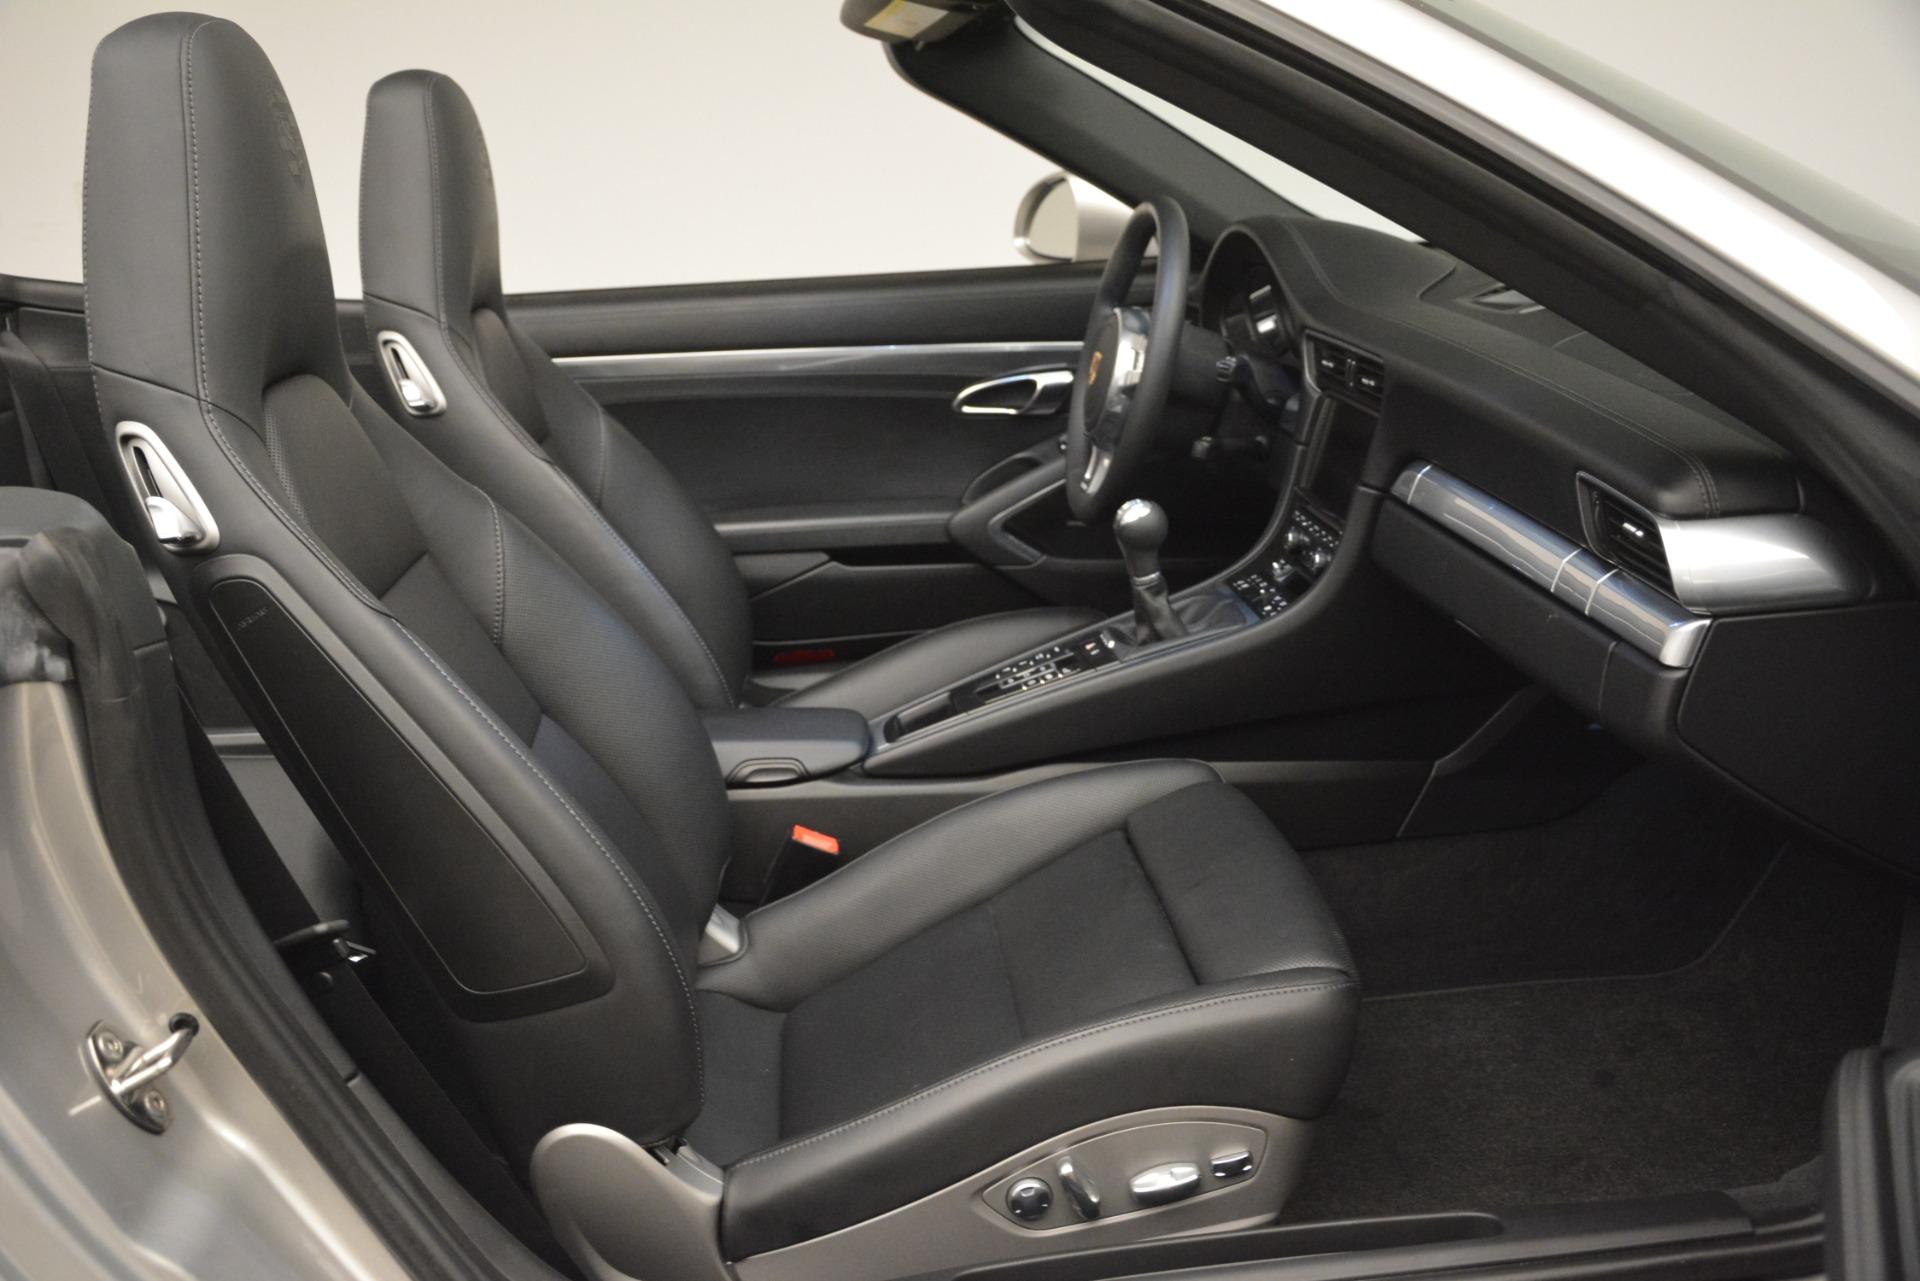 Used 2013 Porsche 911 Carrera S For Sale In Greenwich, CT 3107_p25